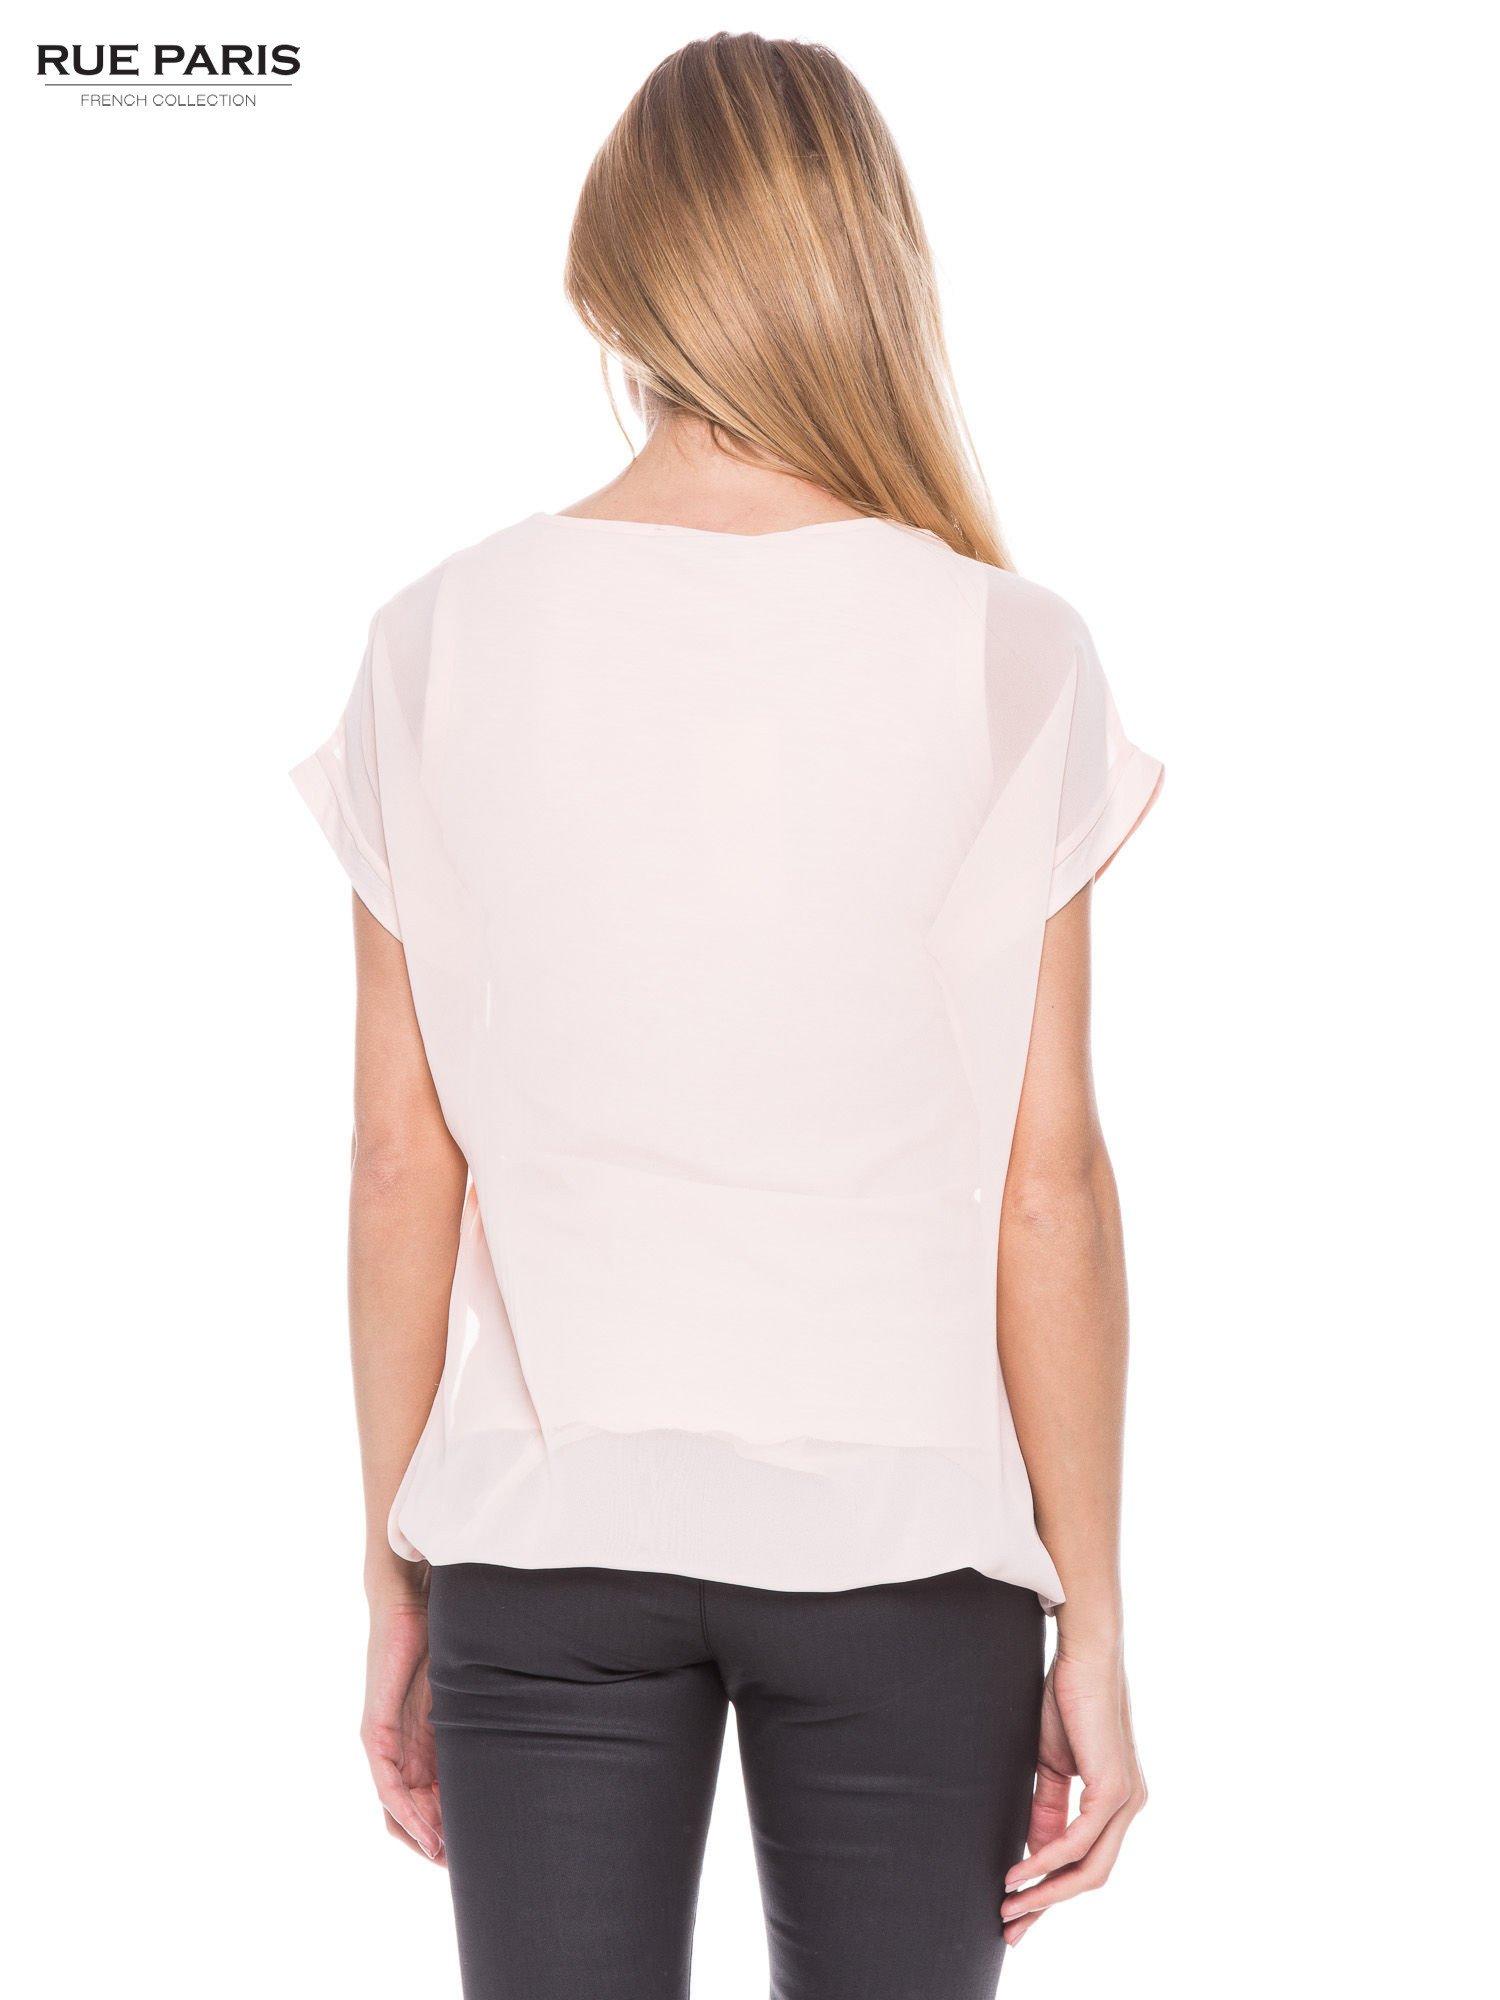 Jasnoróżowy zwiewny t-shirt z plisami na dekolcie                                  zdj.                                  3